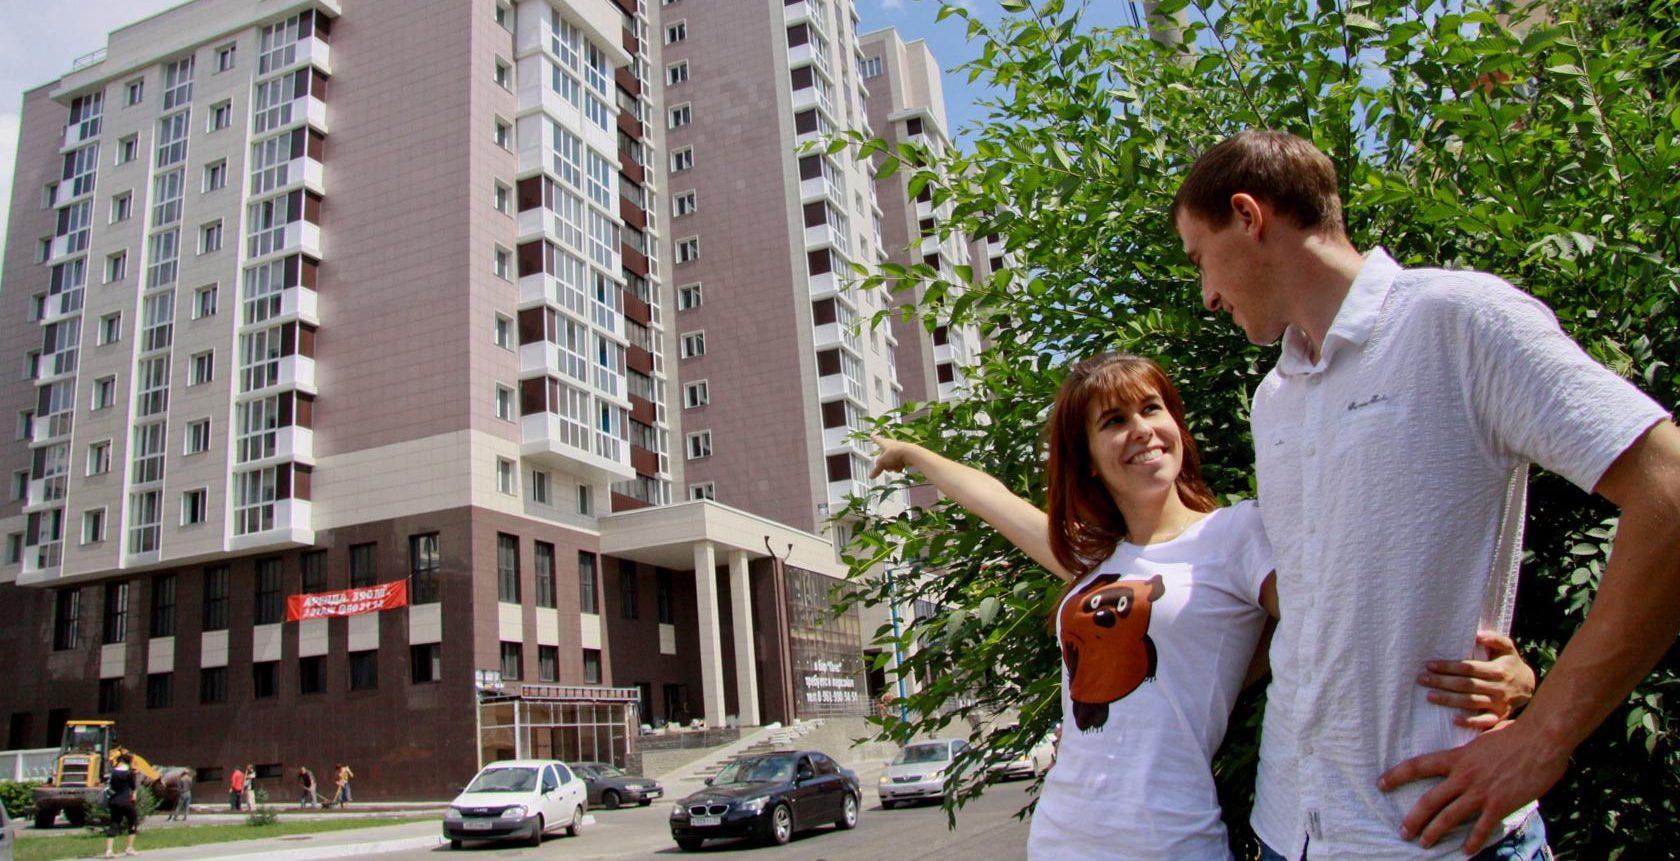 Вторичное жилье или новостройка? Что выбирает большинство?